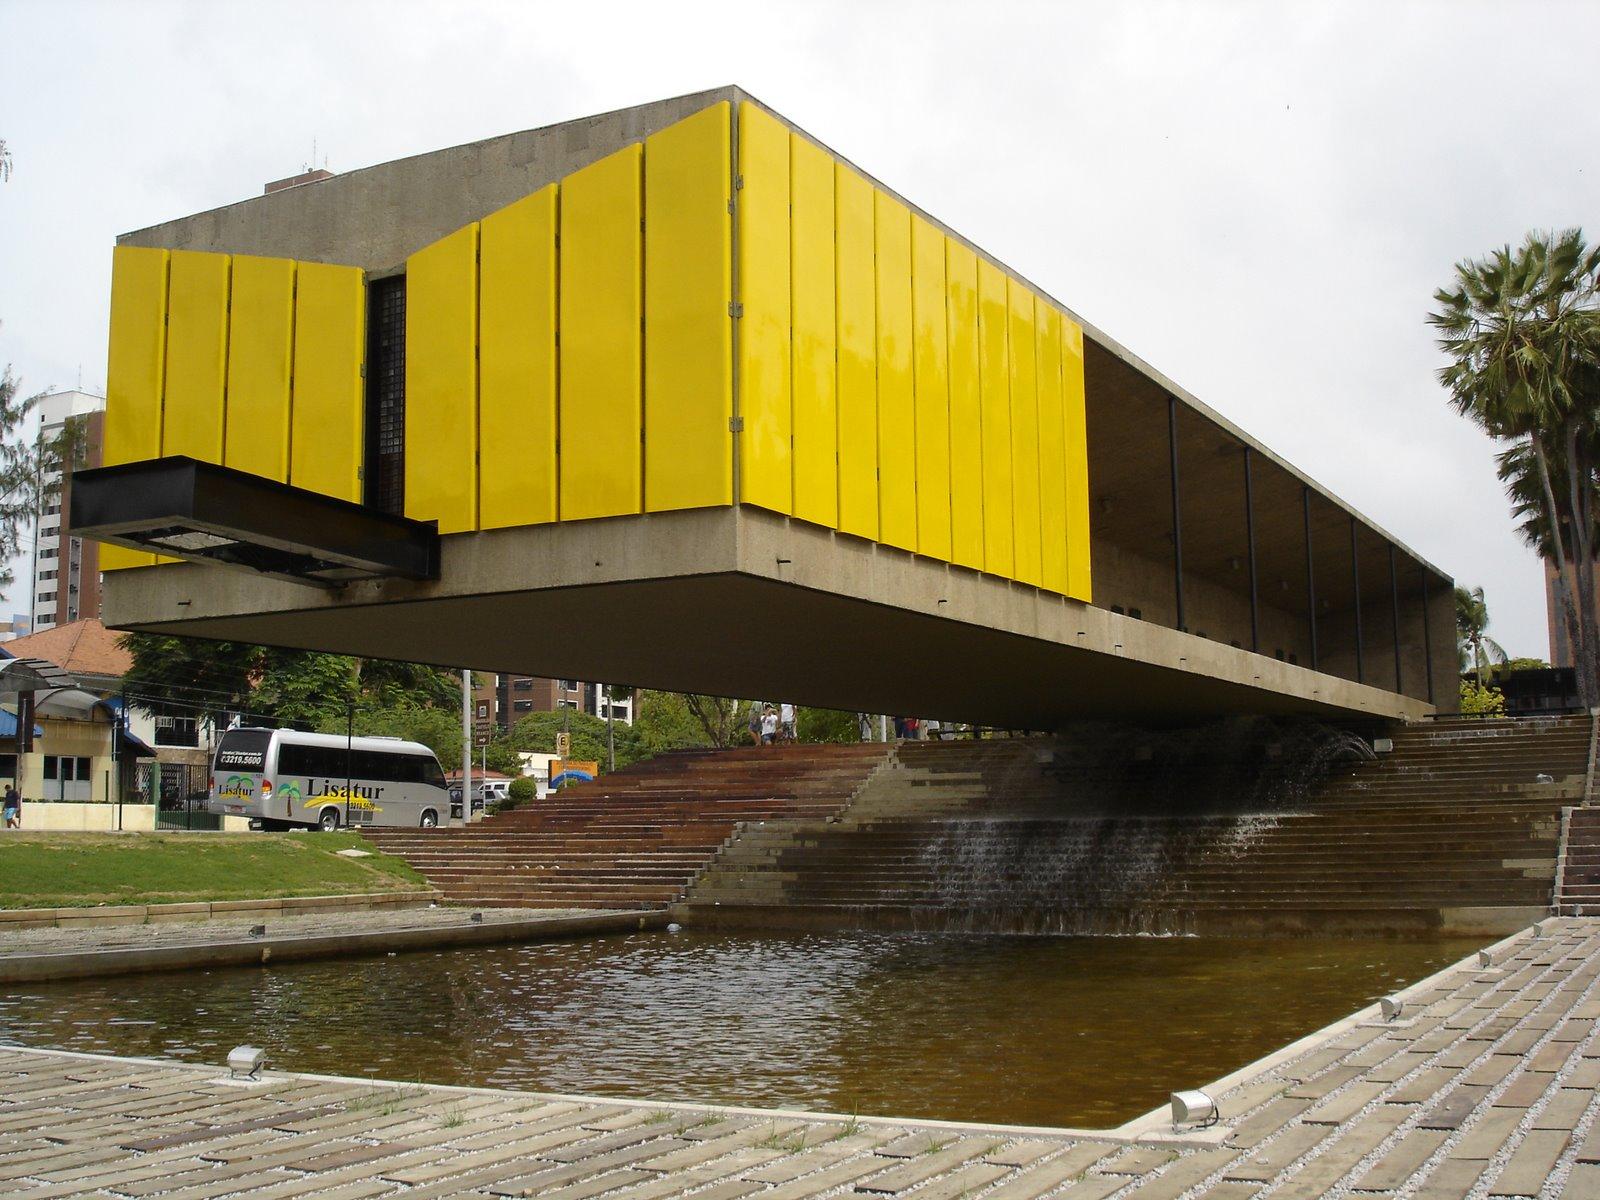 Pontos Históricos De Fortaleza (Ceará): Mausoléu Castelo Branco - Fortaleza